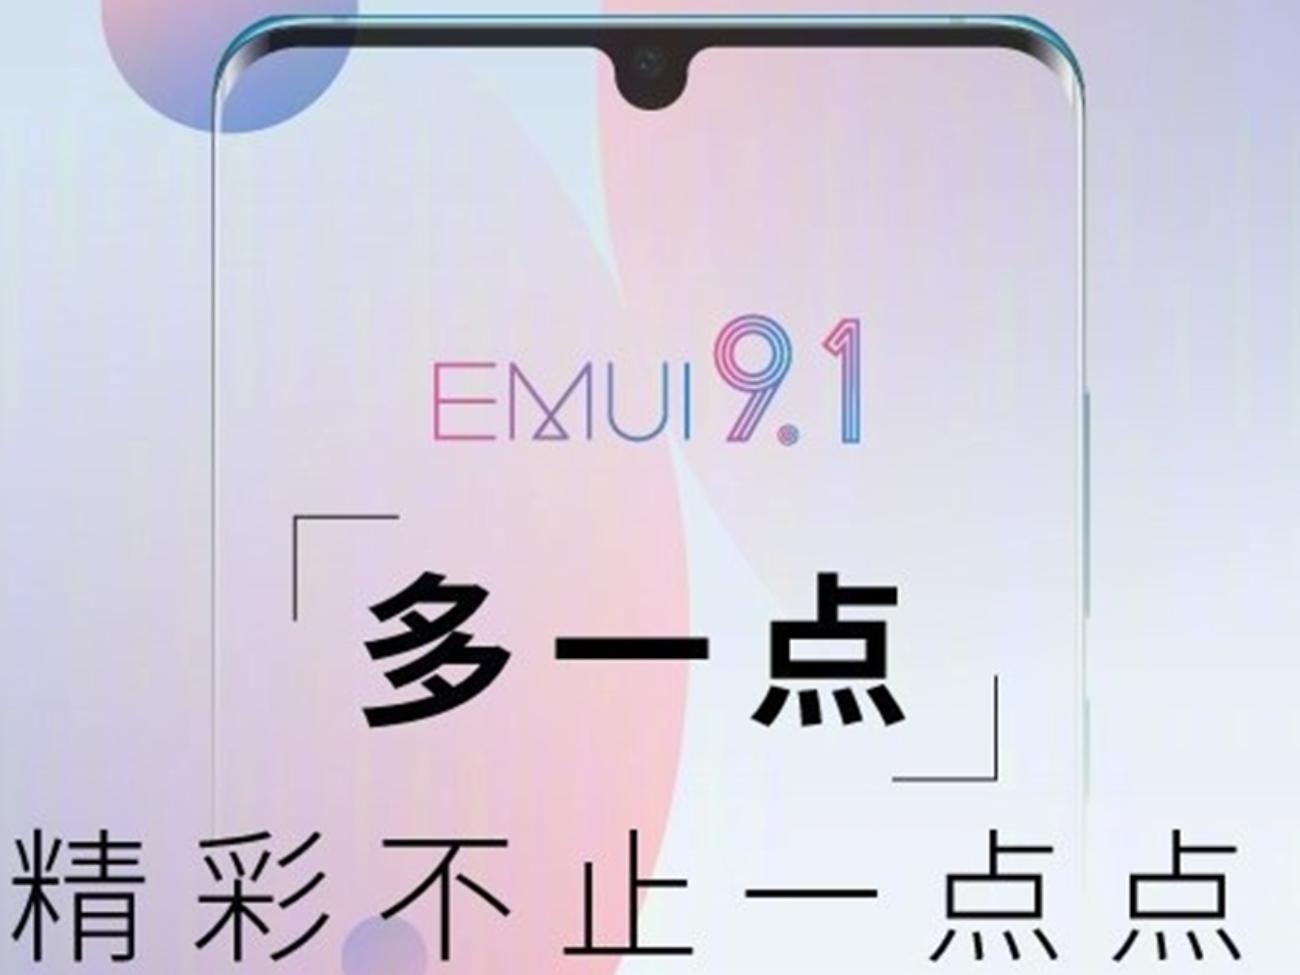 EMUI-9.1-a